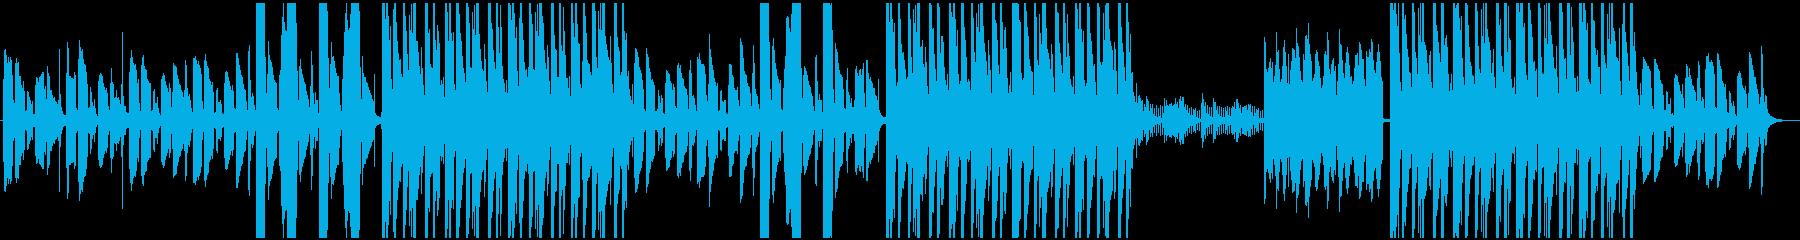 エモーショナルなR&Bの再生済みの波形